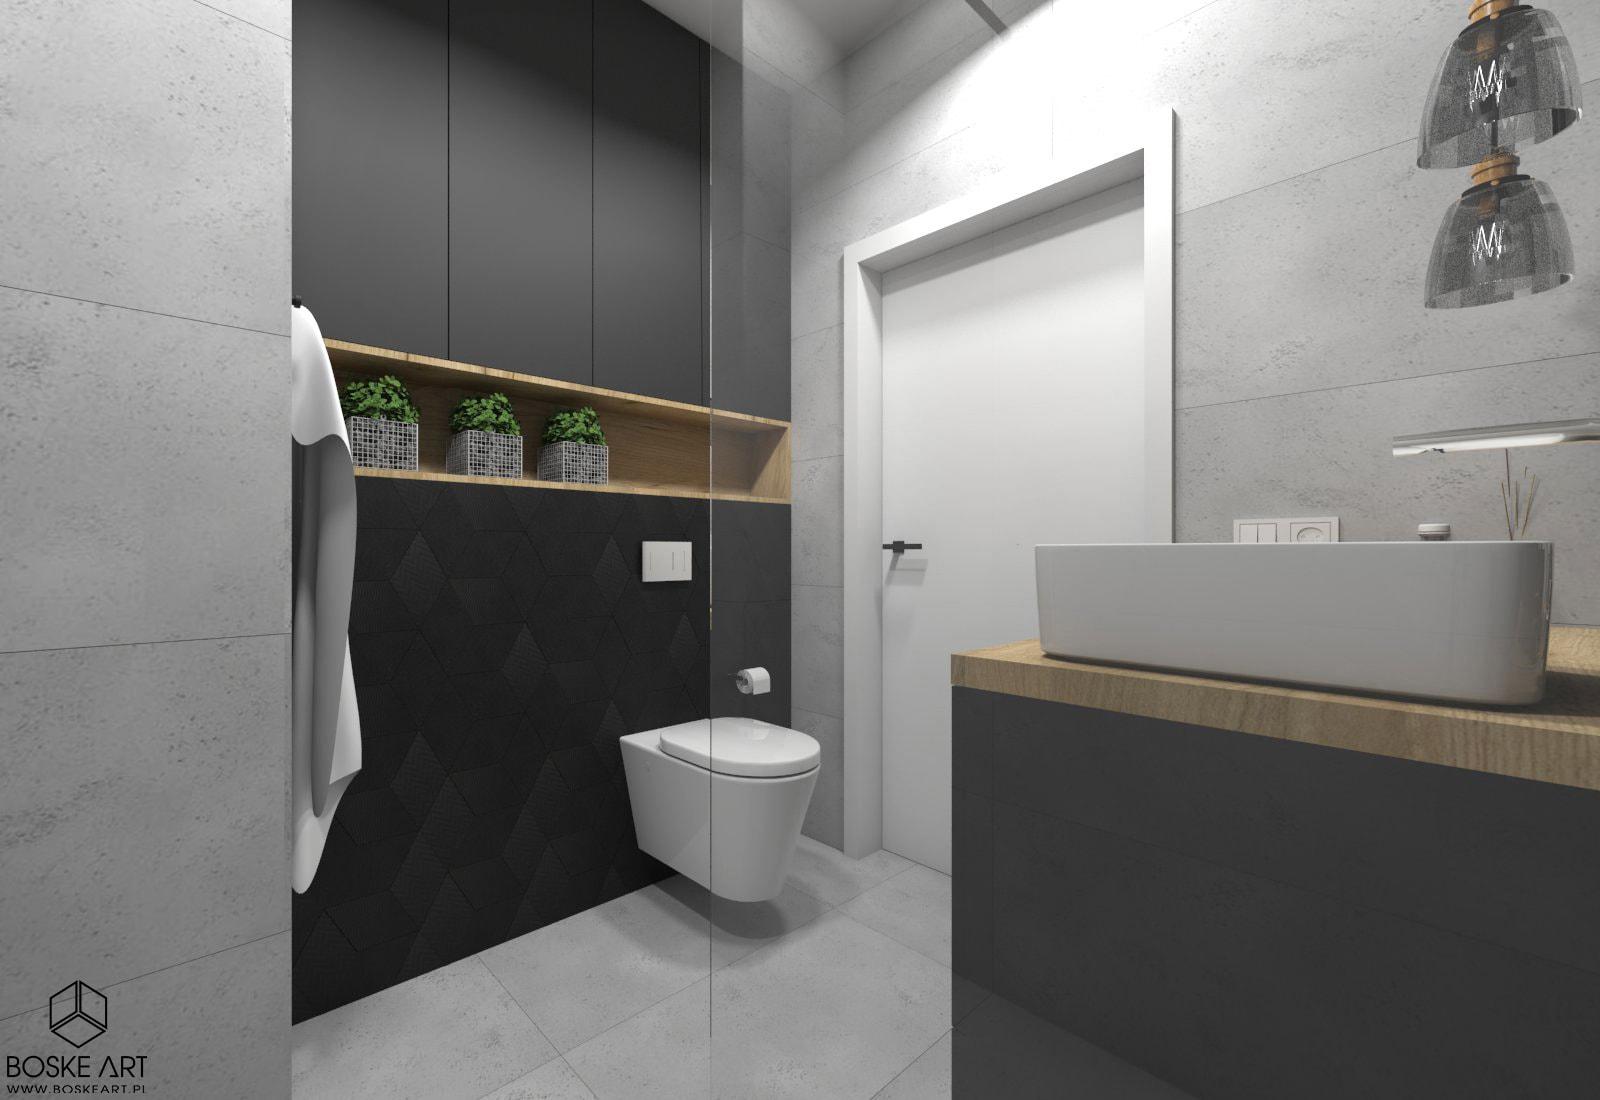 13_mieszkanie_poznan_boske_art_projektowanie_wnetrz_architektura_natalia_robaszkiewicz-min